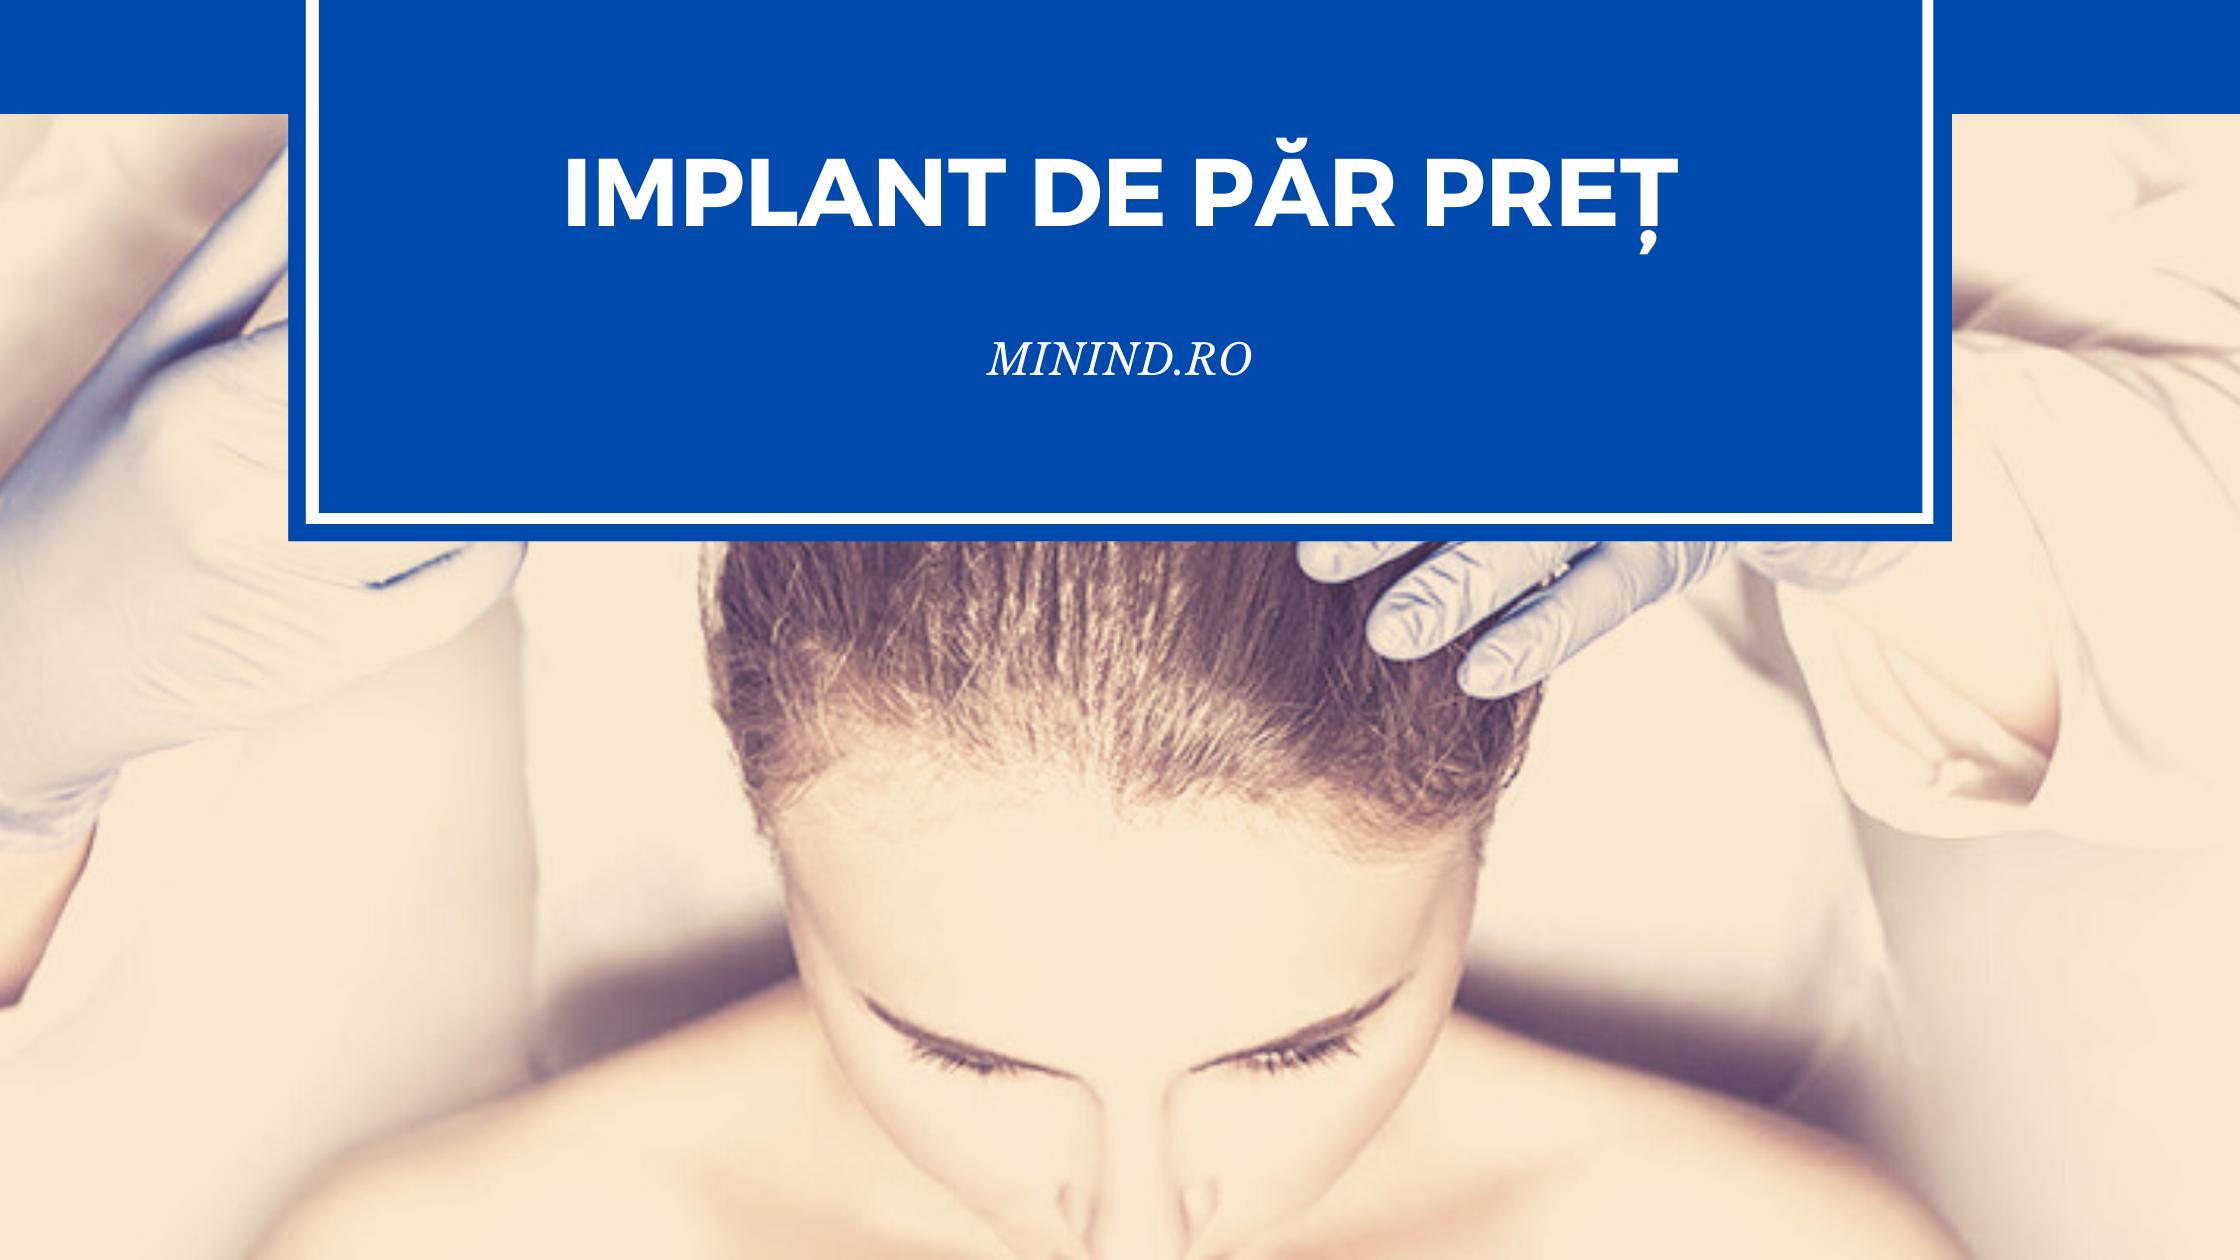 implant de par pret